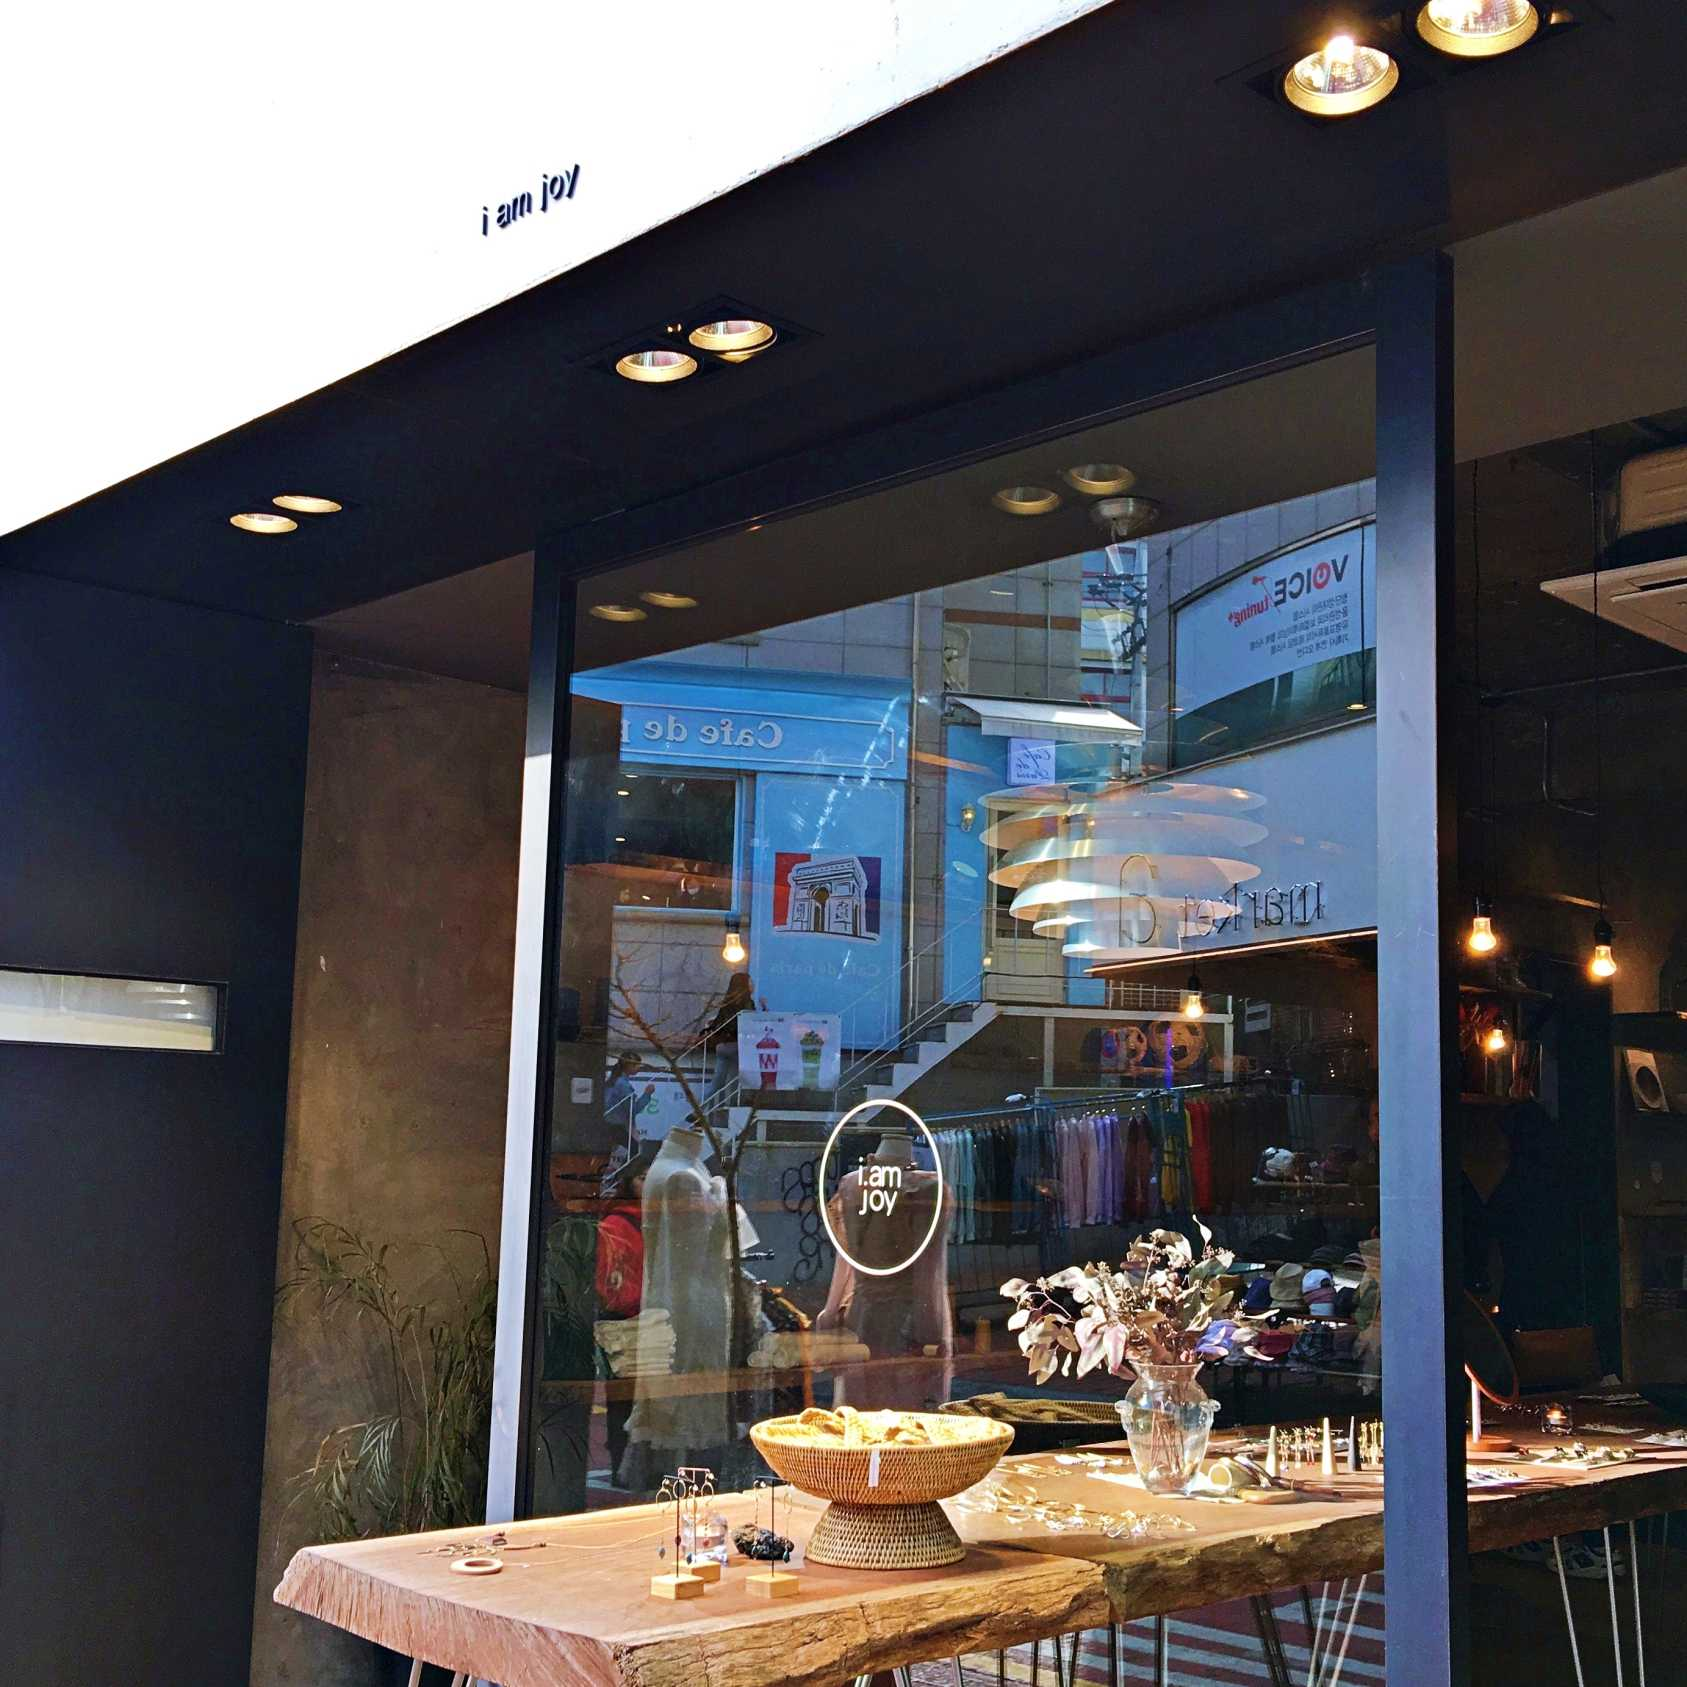 這家位在弘大西班牙吉拿棒Churros那條巷子裡的飾品店 i.am joy,總共有三層可以逛。